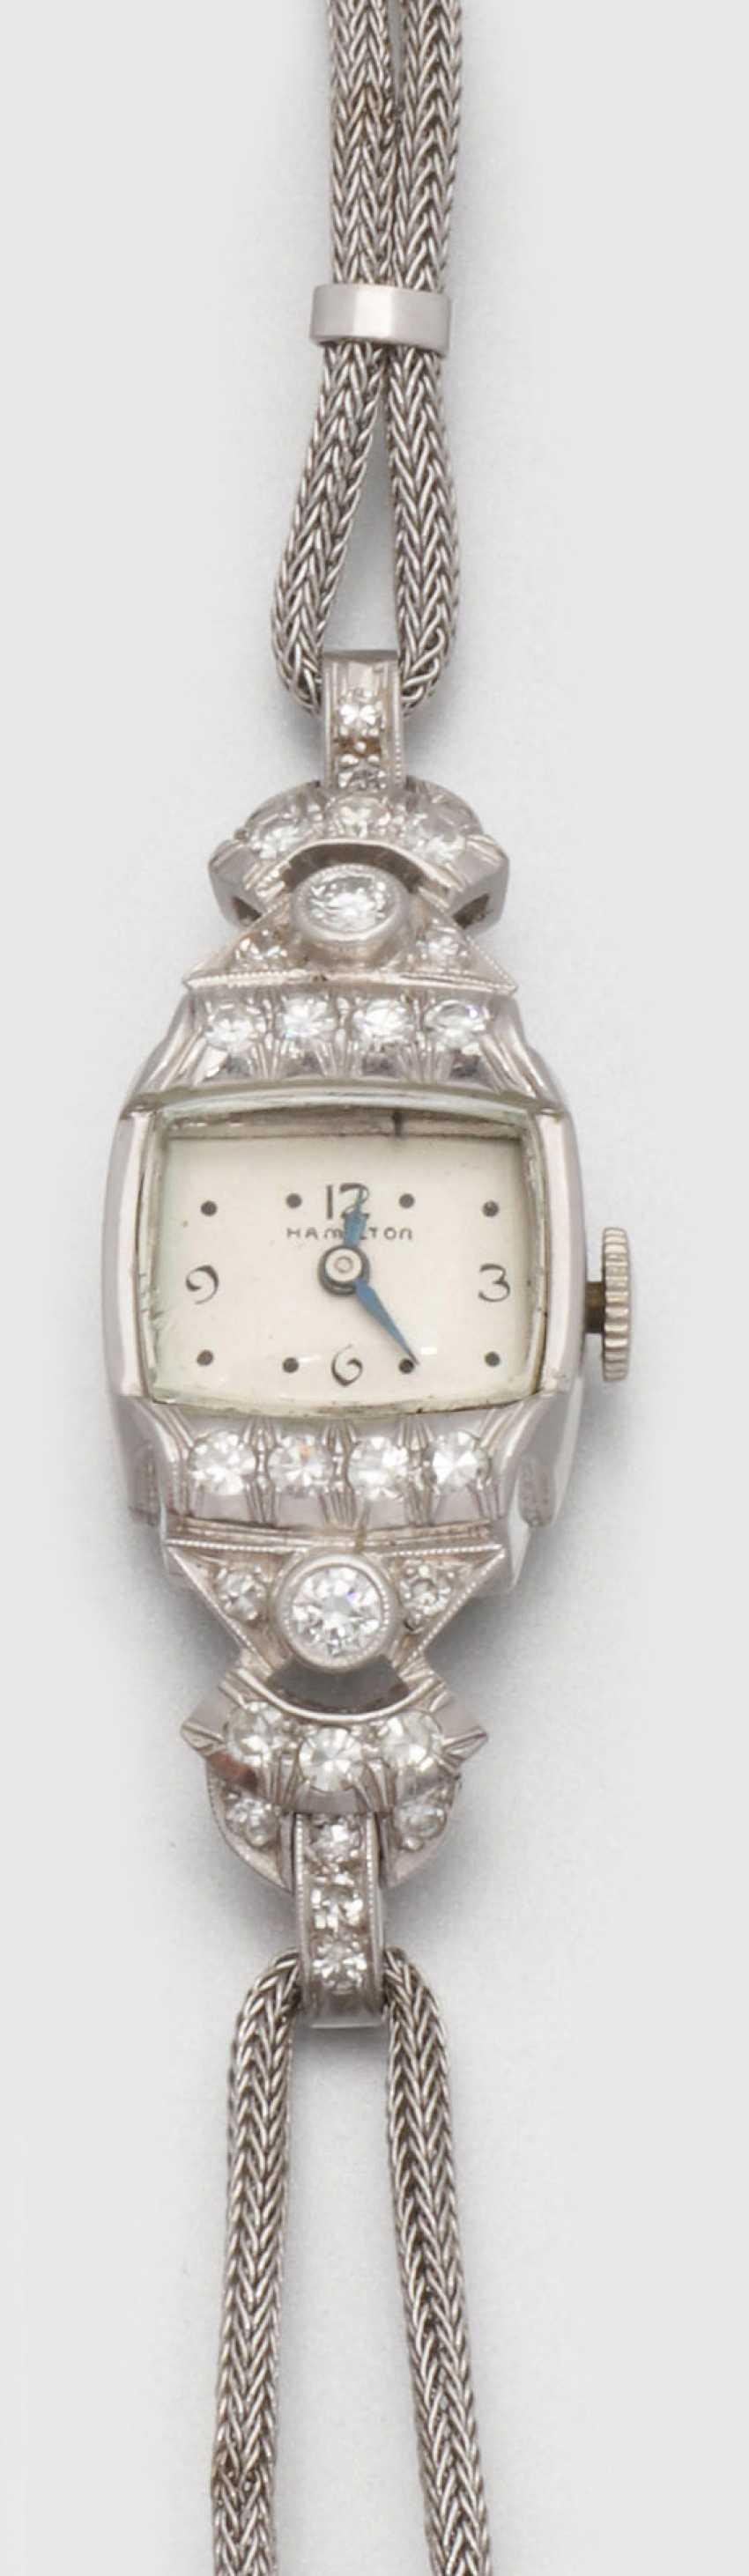 Женские наручные часы Hamilton из 40-х годах - фото 1